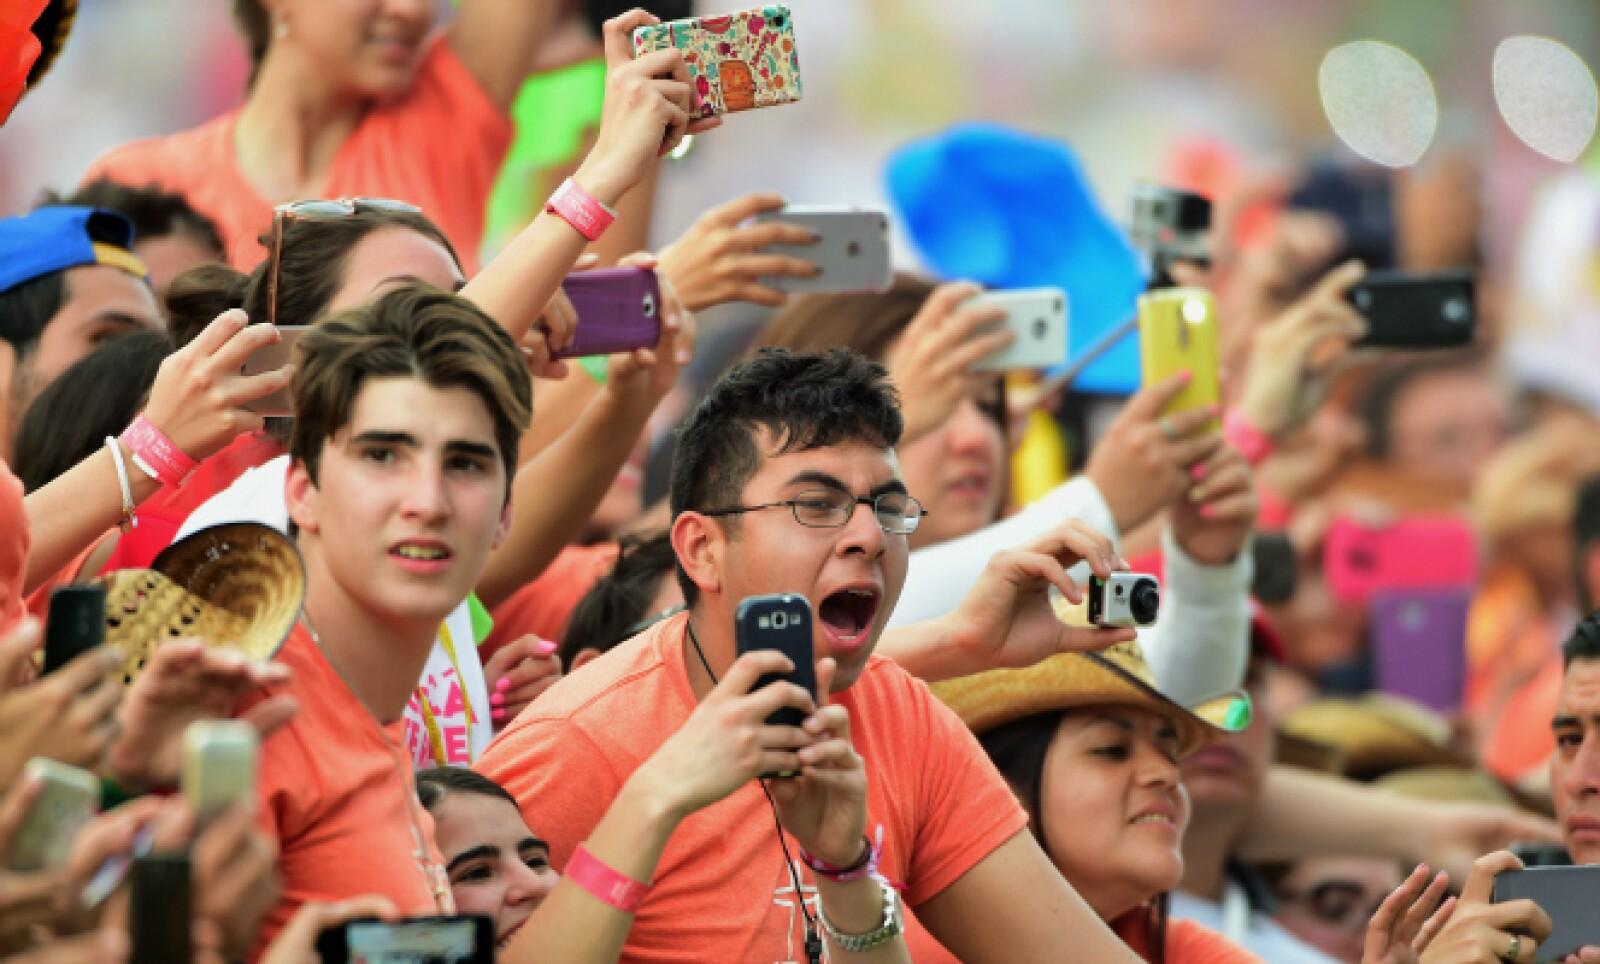 Miles de personas se reunieron en el Estadio Morelos para escuchar las palabras del jerarca católico.